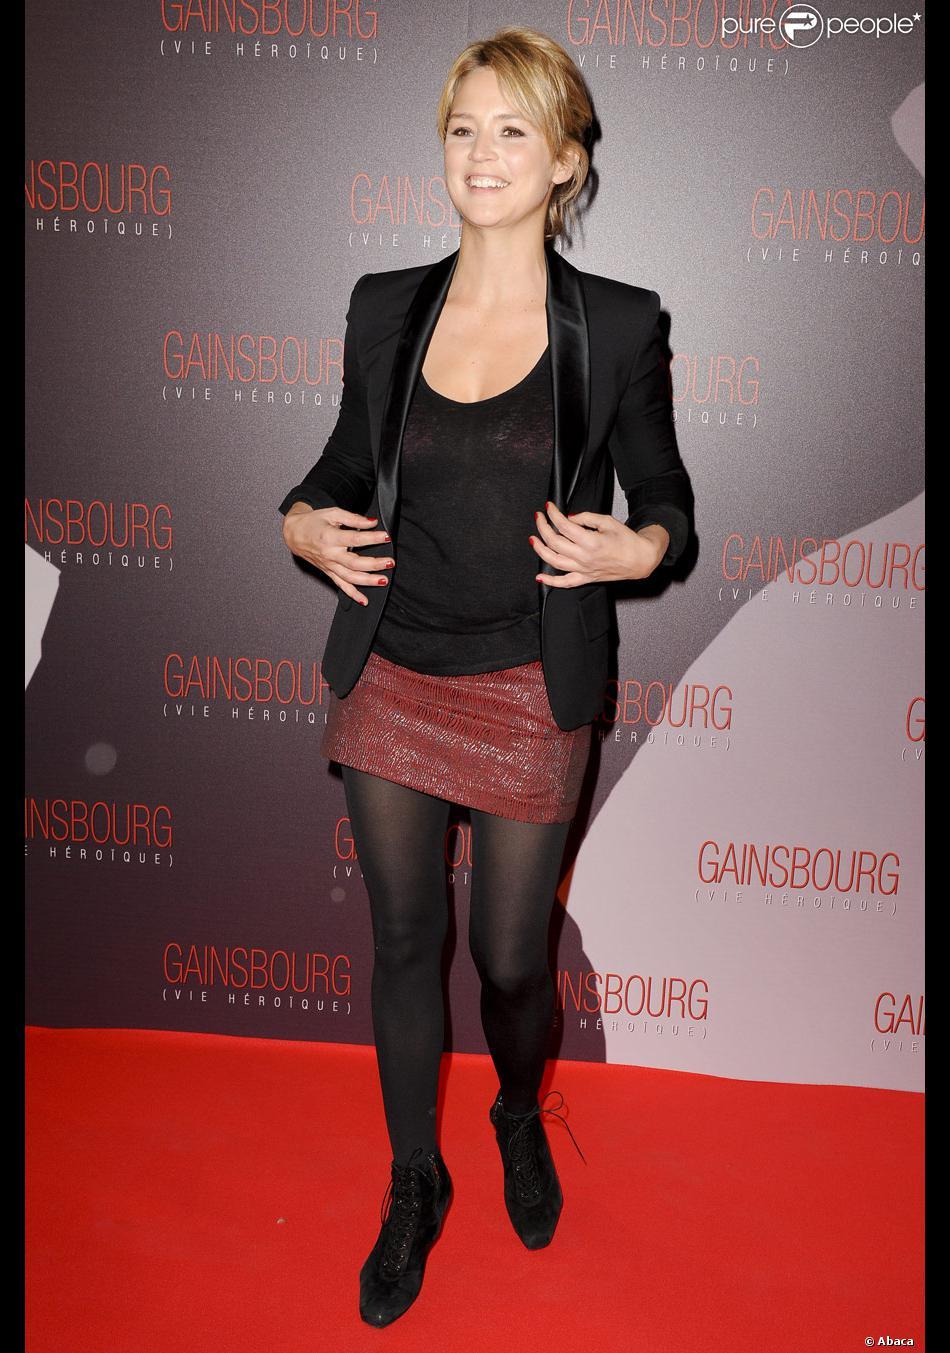 Virginie Efira lors de la première du film Gainsbourg (vie héroïque) à  Paris le 14 janvier